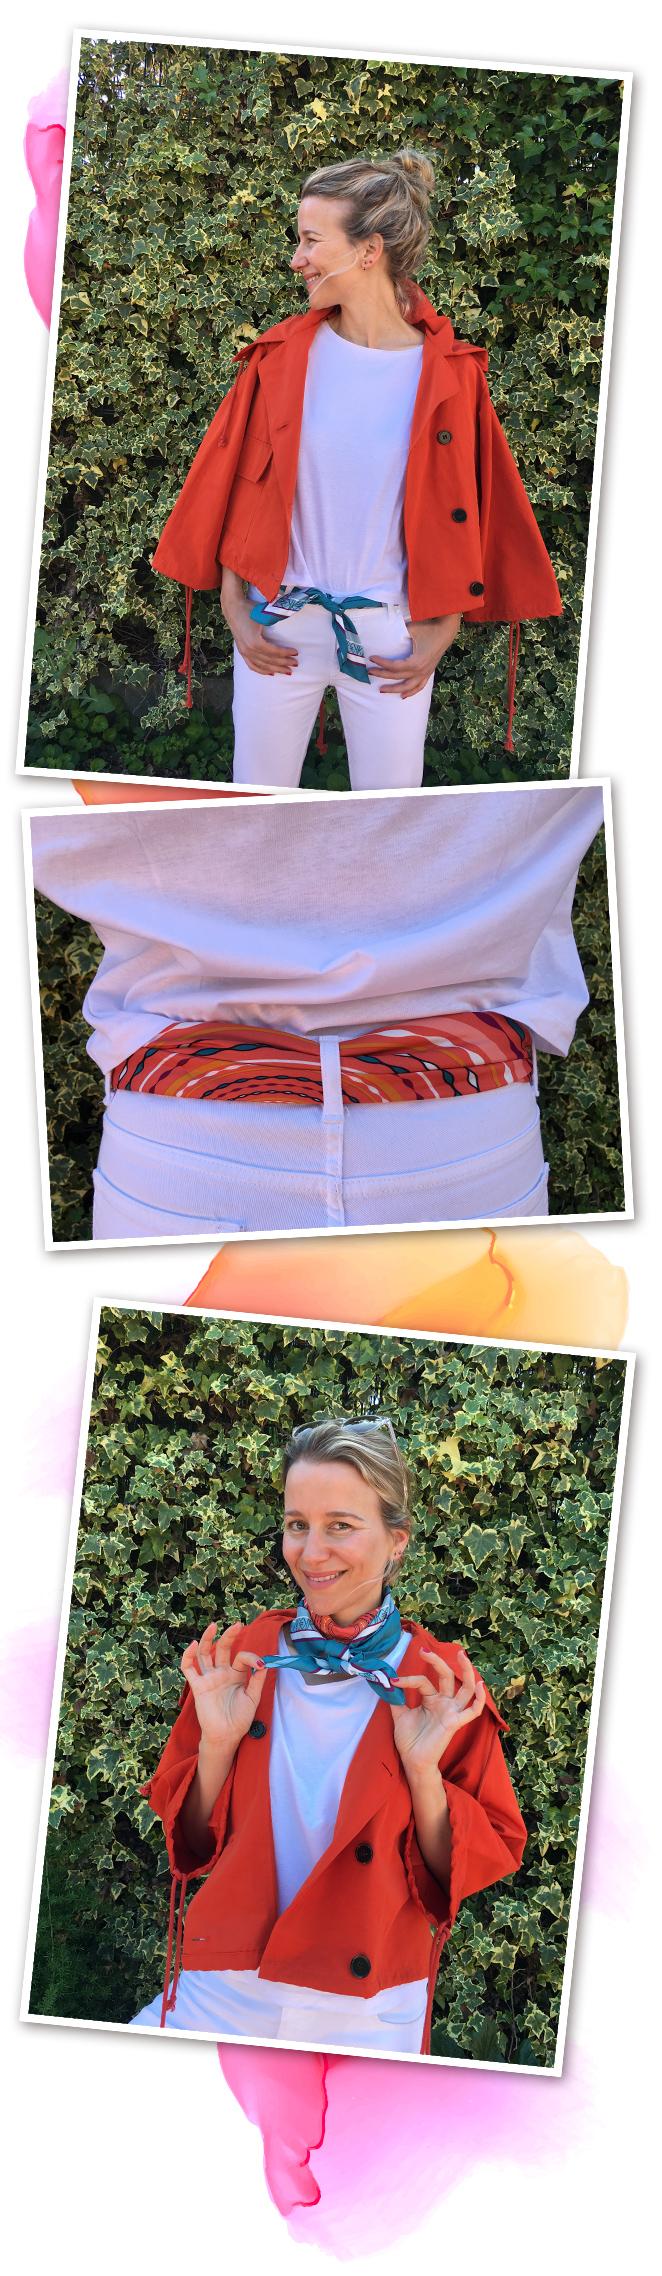 También puedes usar este pañuelo tan ideal como cinturón, como pulsera o atado al cuello para darle un toque especial a tu estilismo